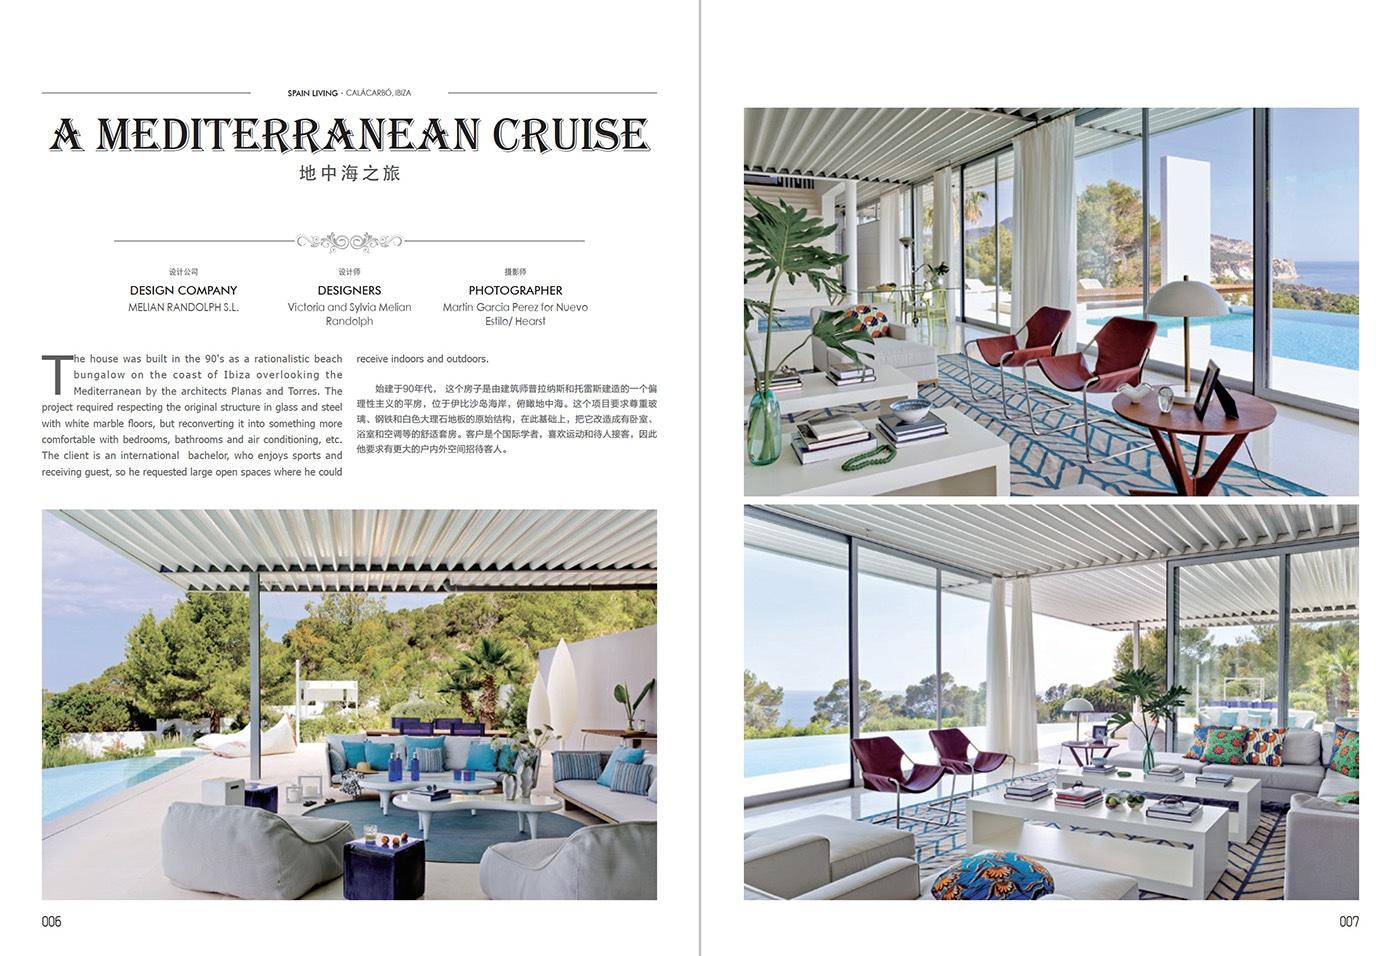 Mediterranean Cruise-spain-living-melian-randolph-b